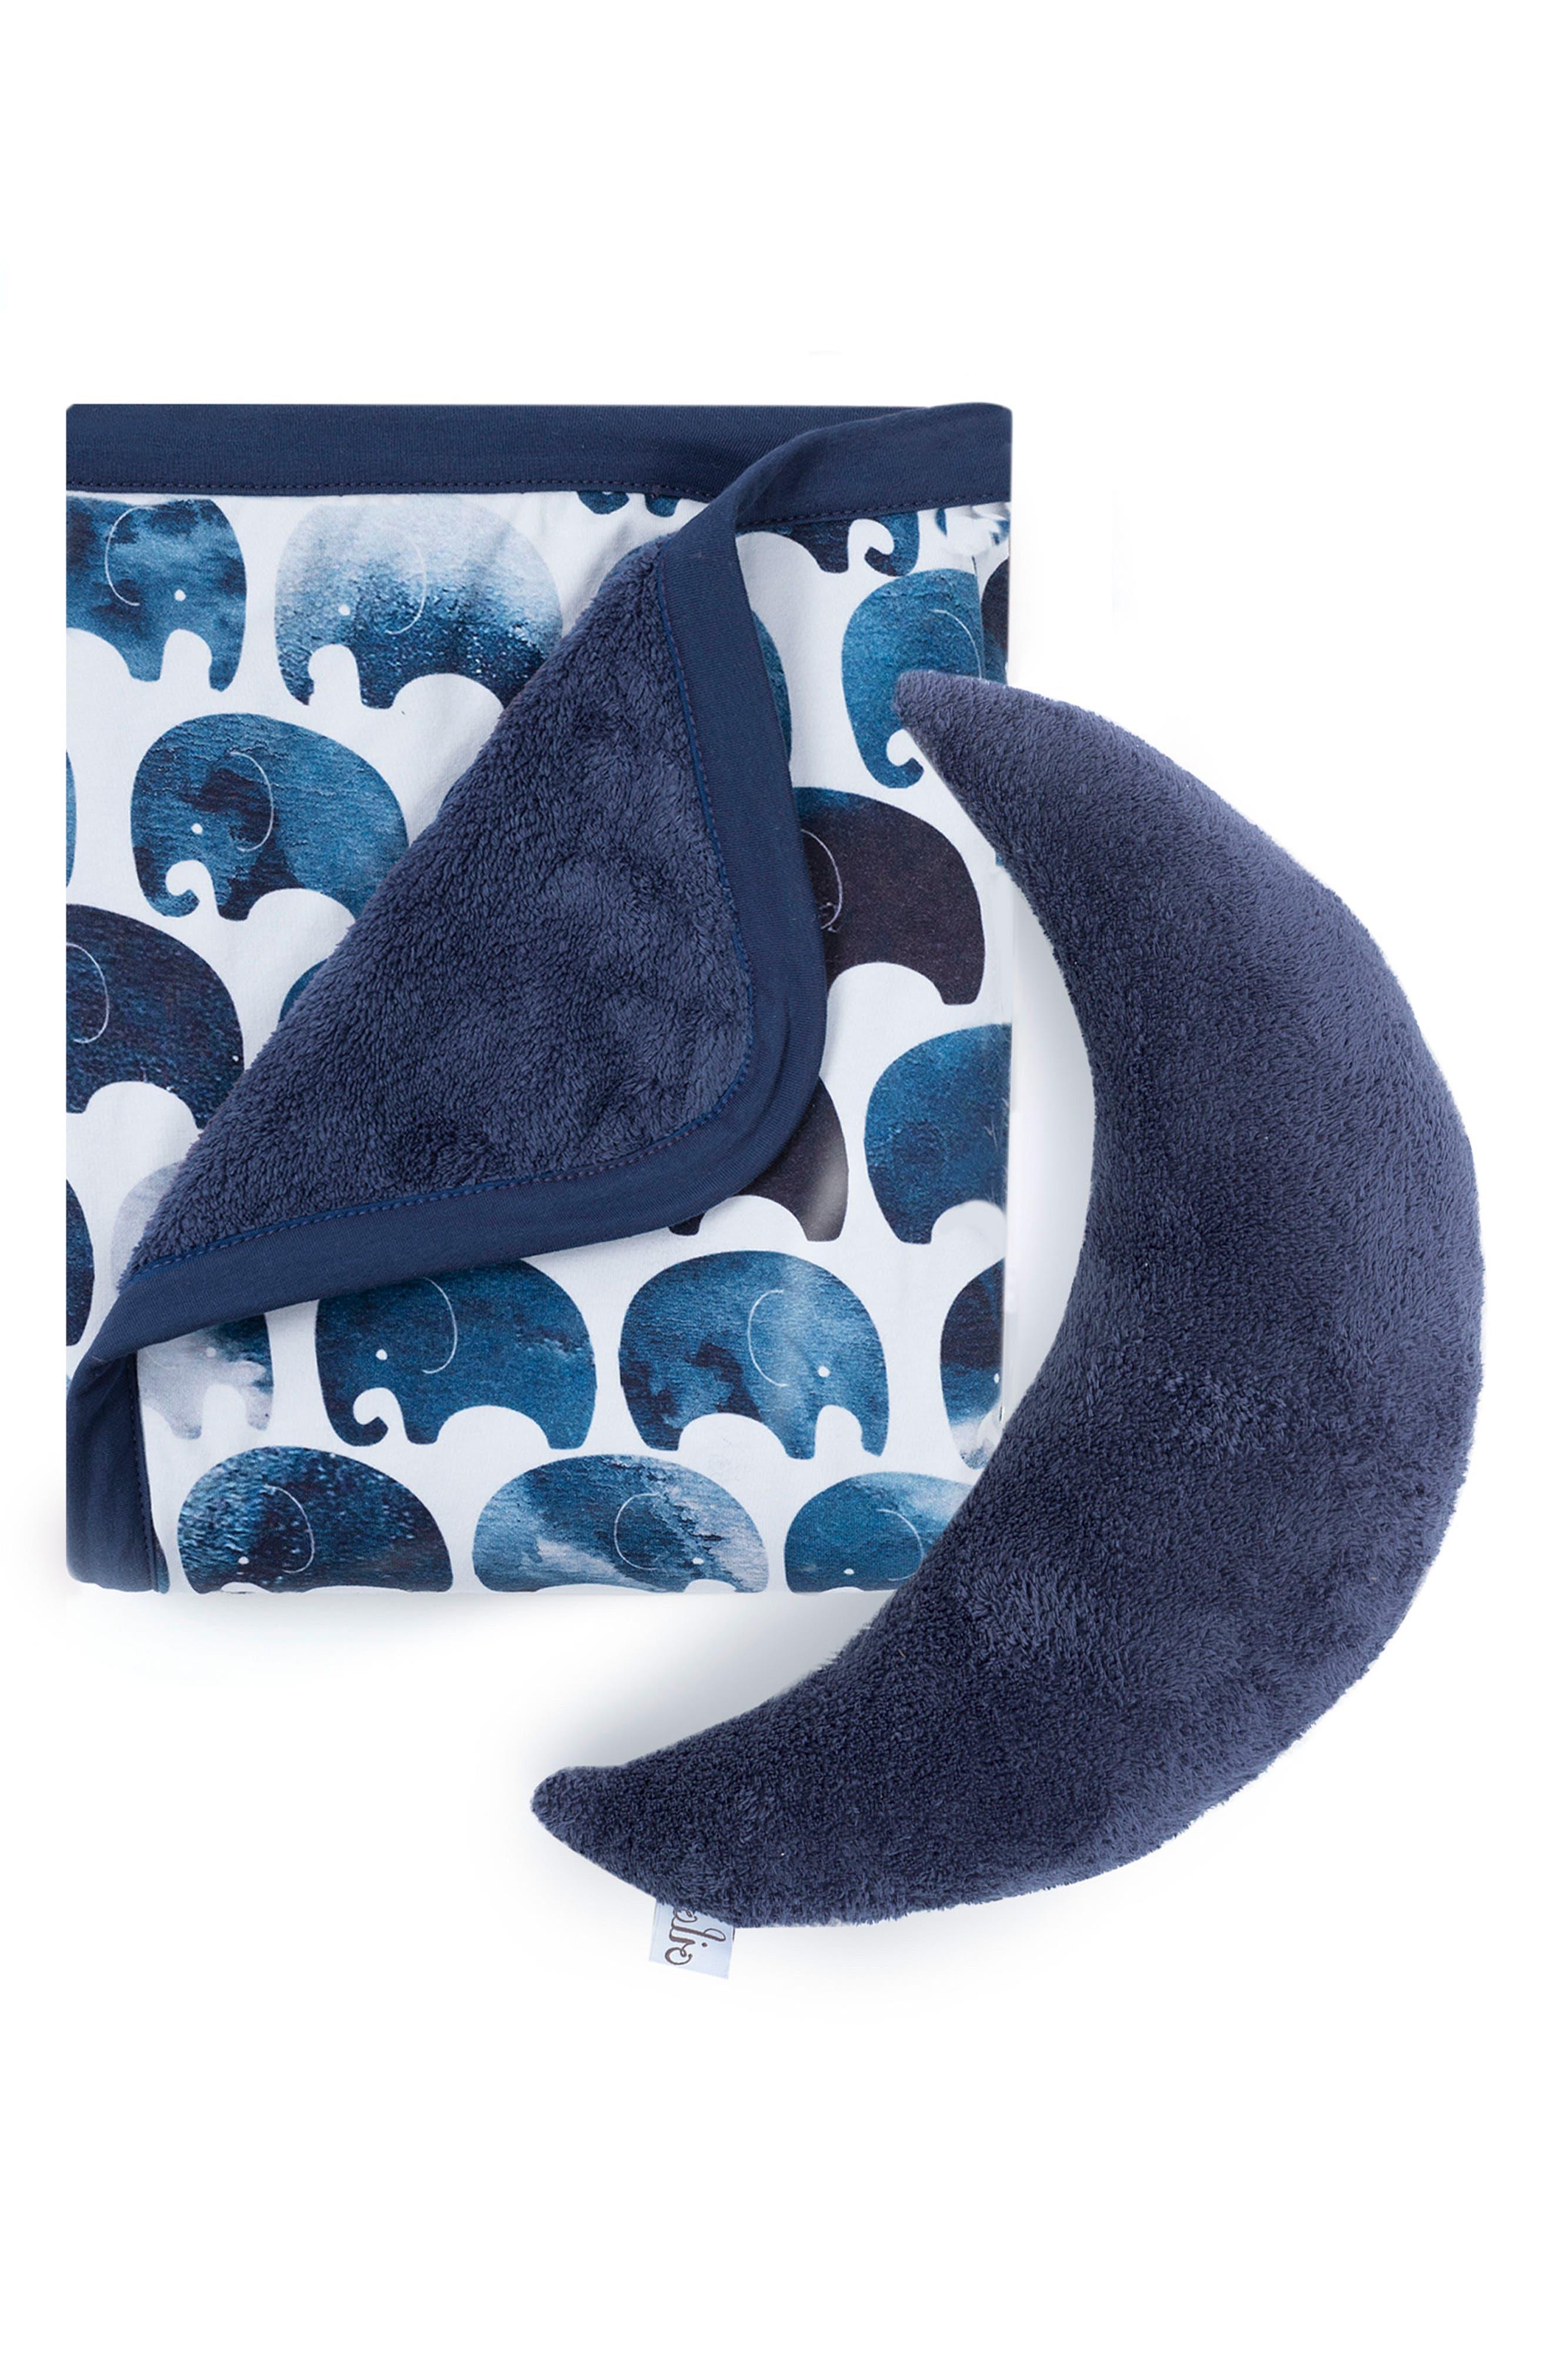 Elefant Blanket & Moon Pillow Set,                         Main,                         color, ELEFANT